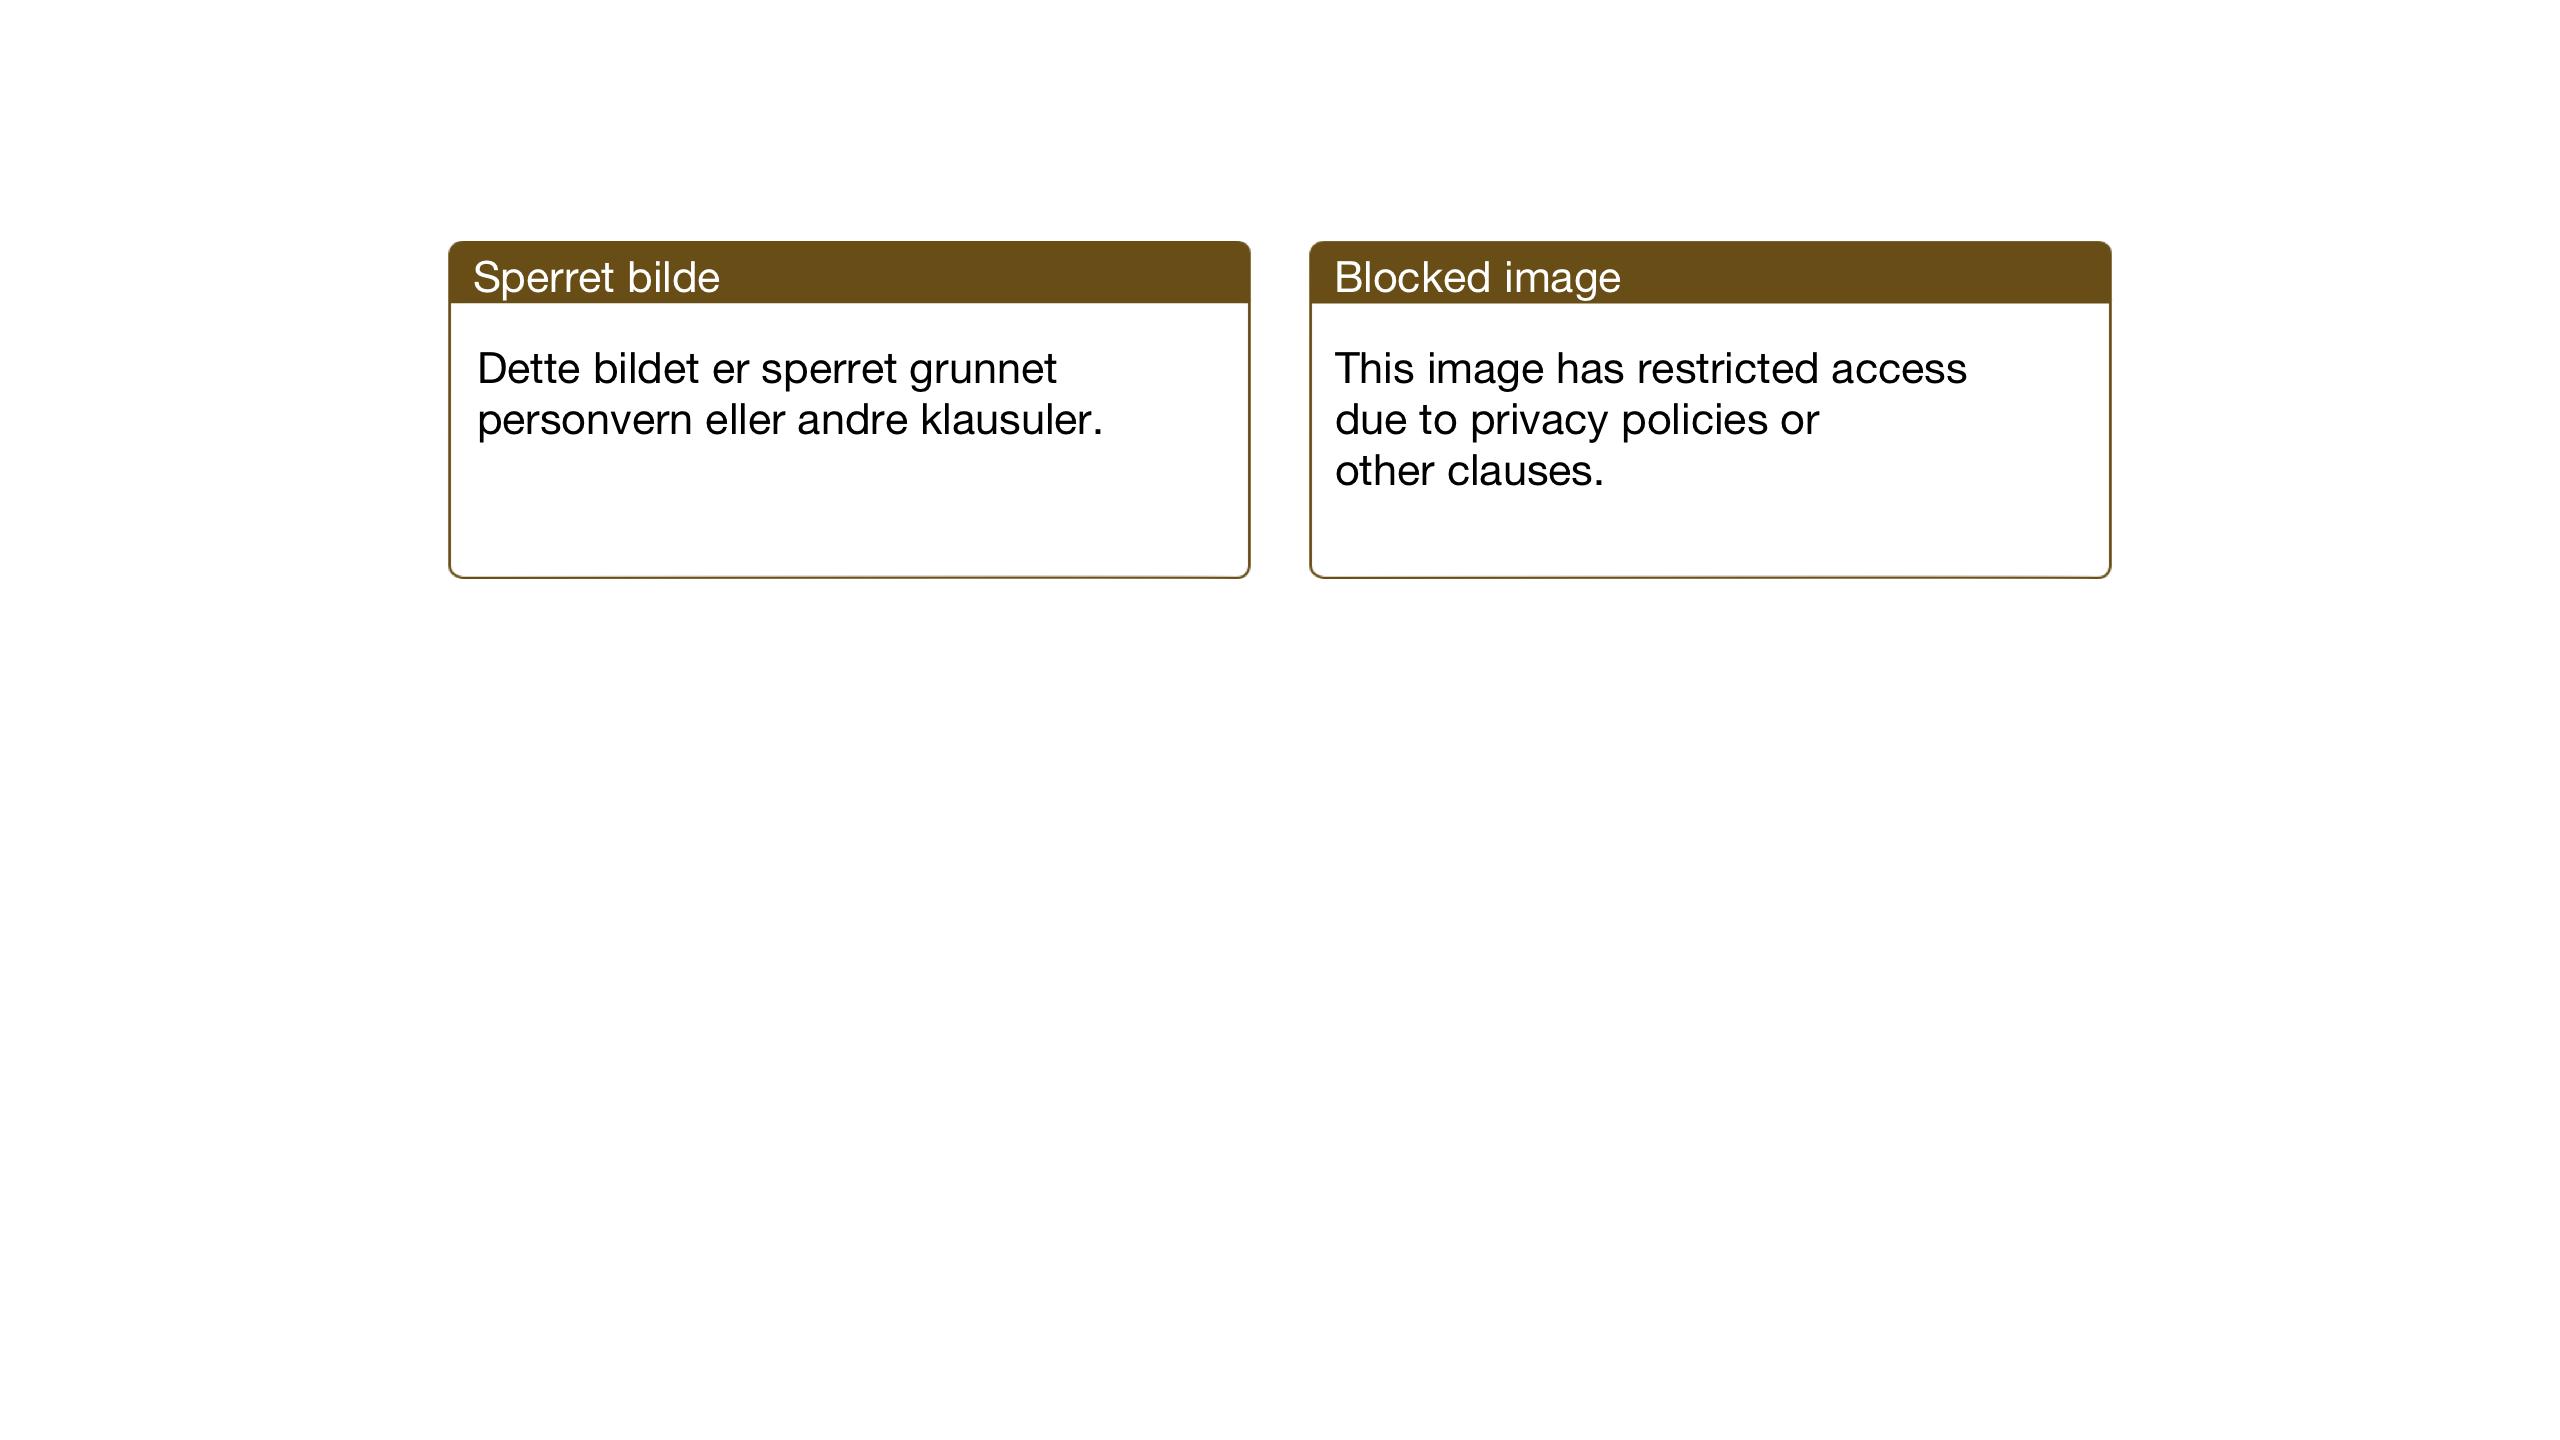 SAT, Ministerialprotokoller, klokkerbøker og fødselsregistre - Sør-Trøndelag, 653/L0658: Klokkerbok nr. 653C02, 1919-1947, s. 222